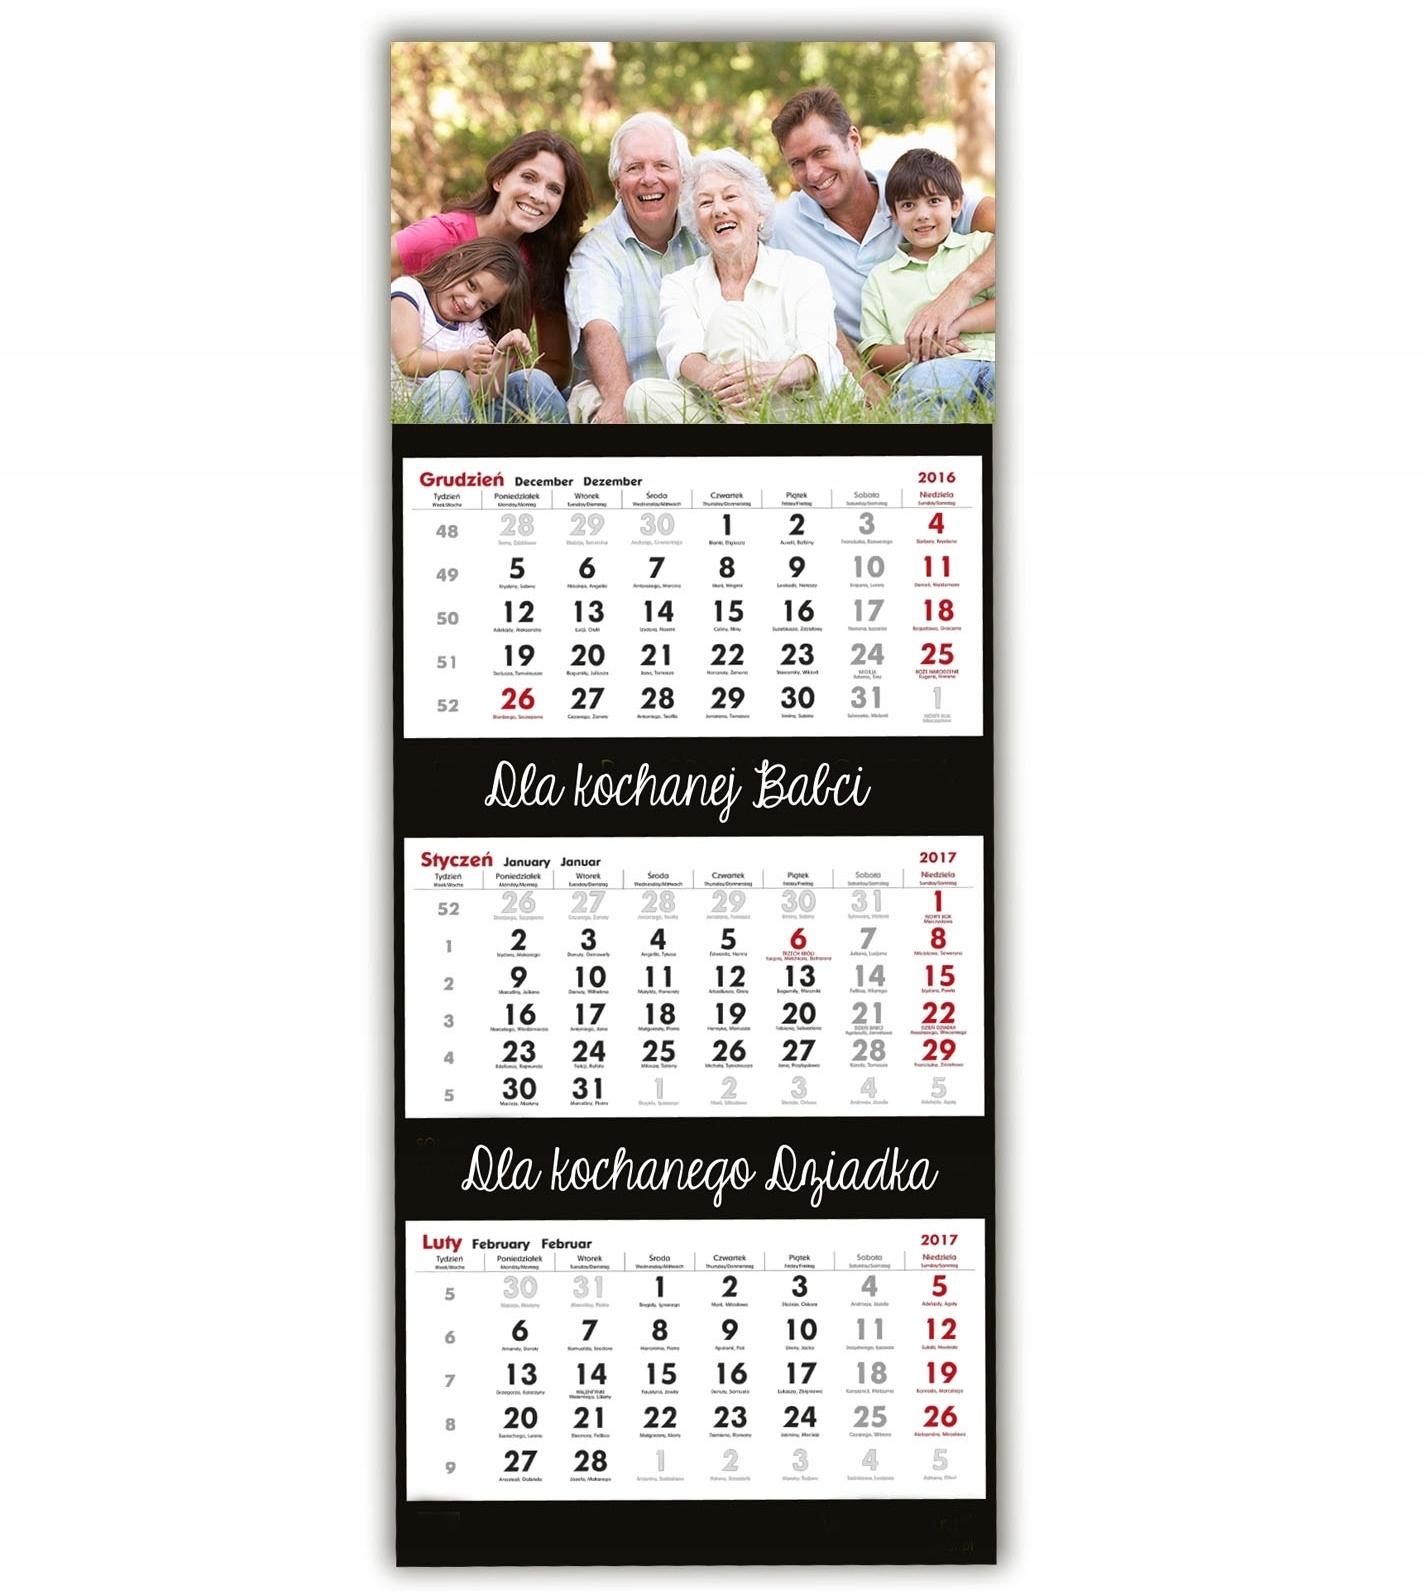 1x Foto Kalendarz Trojdzielny 2021 Twoje Zdjecia 14 90 Zl Allegro Pl Raty 0 Darmowa Dostawa Ze Smart Gorzow Wielkopolski Stan Nowy Id Oferty 9611924016